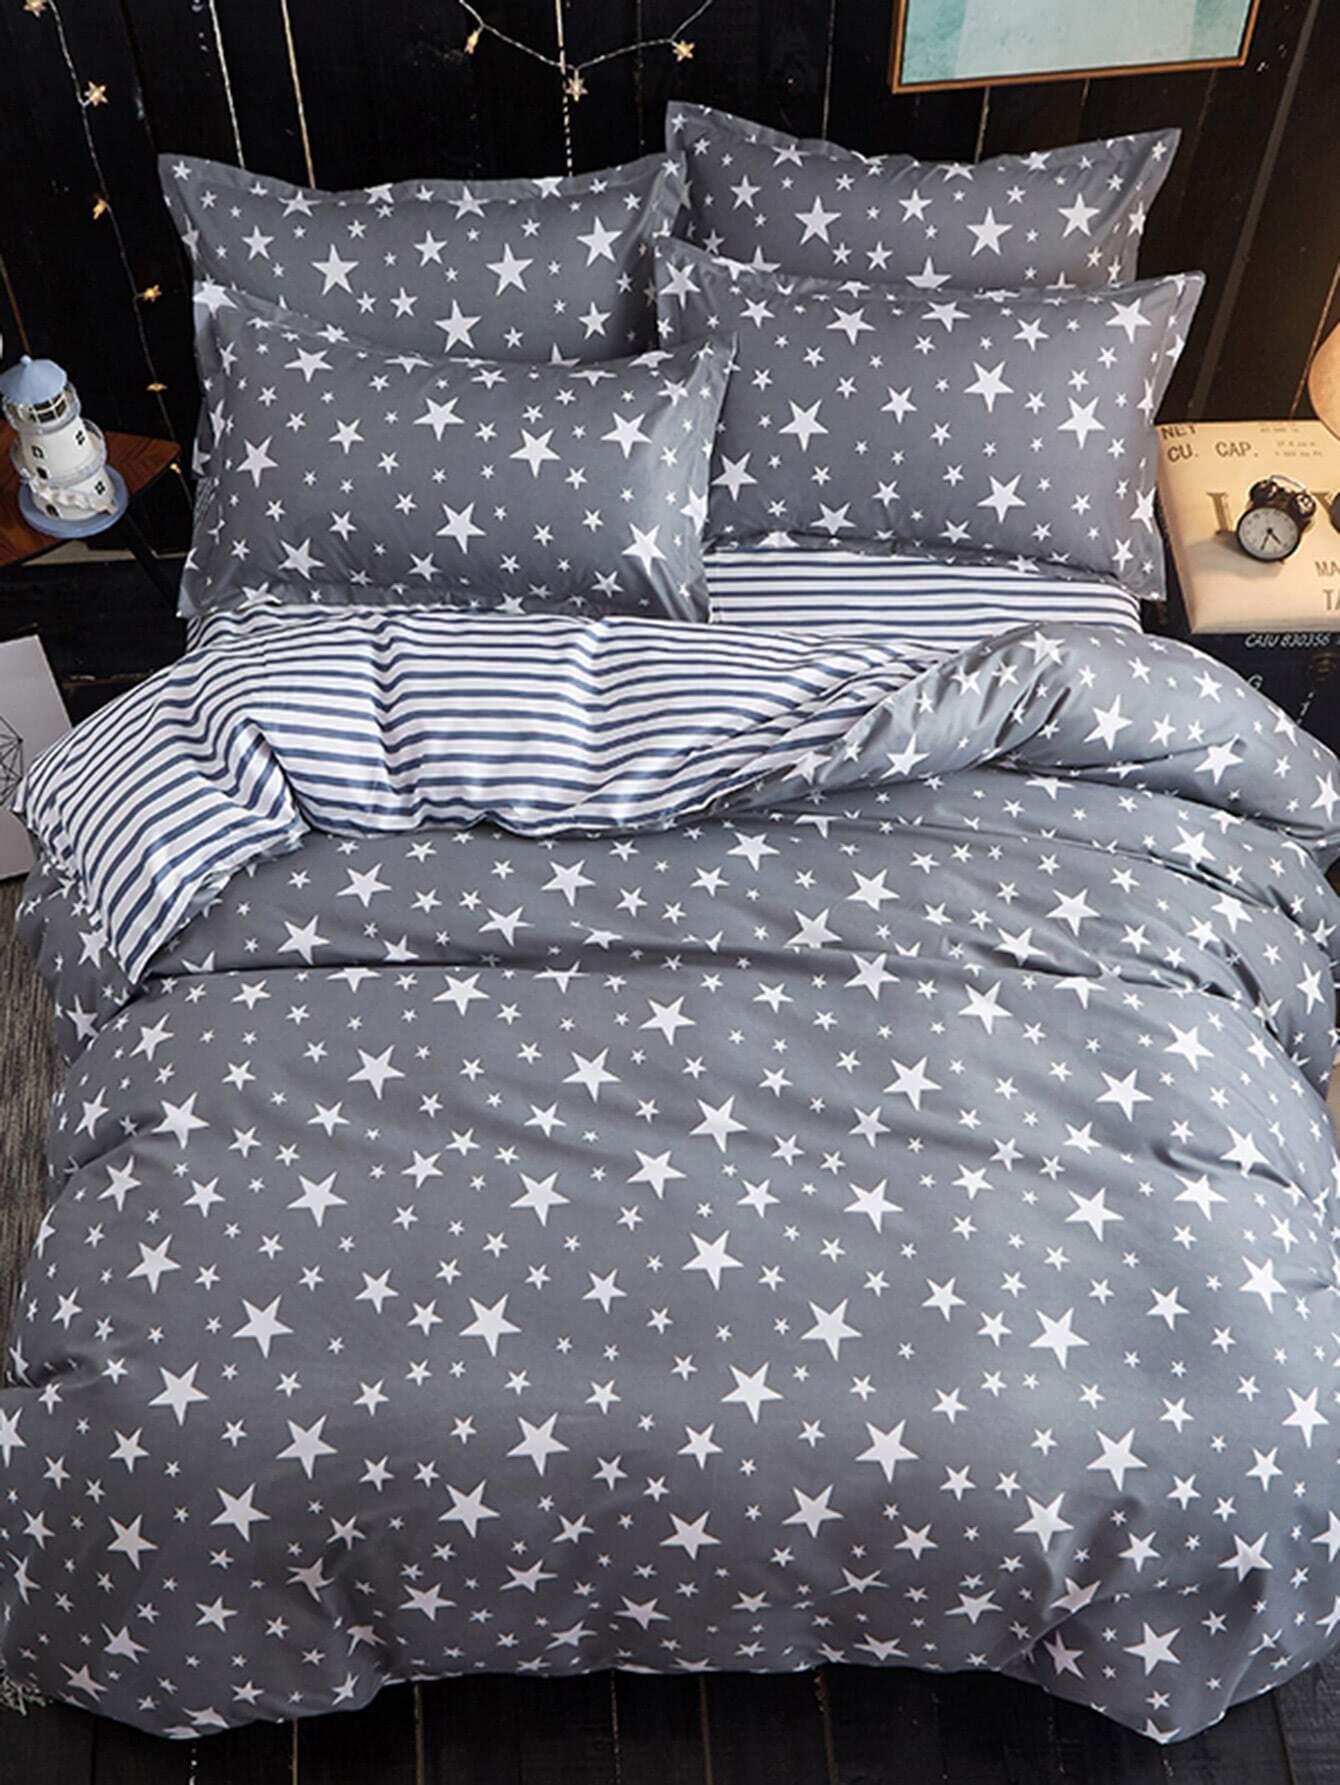 2 2m 4pcs Star Print Duvet Cover Sheet Sham Set